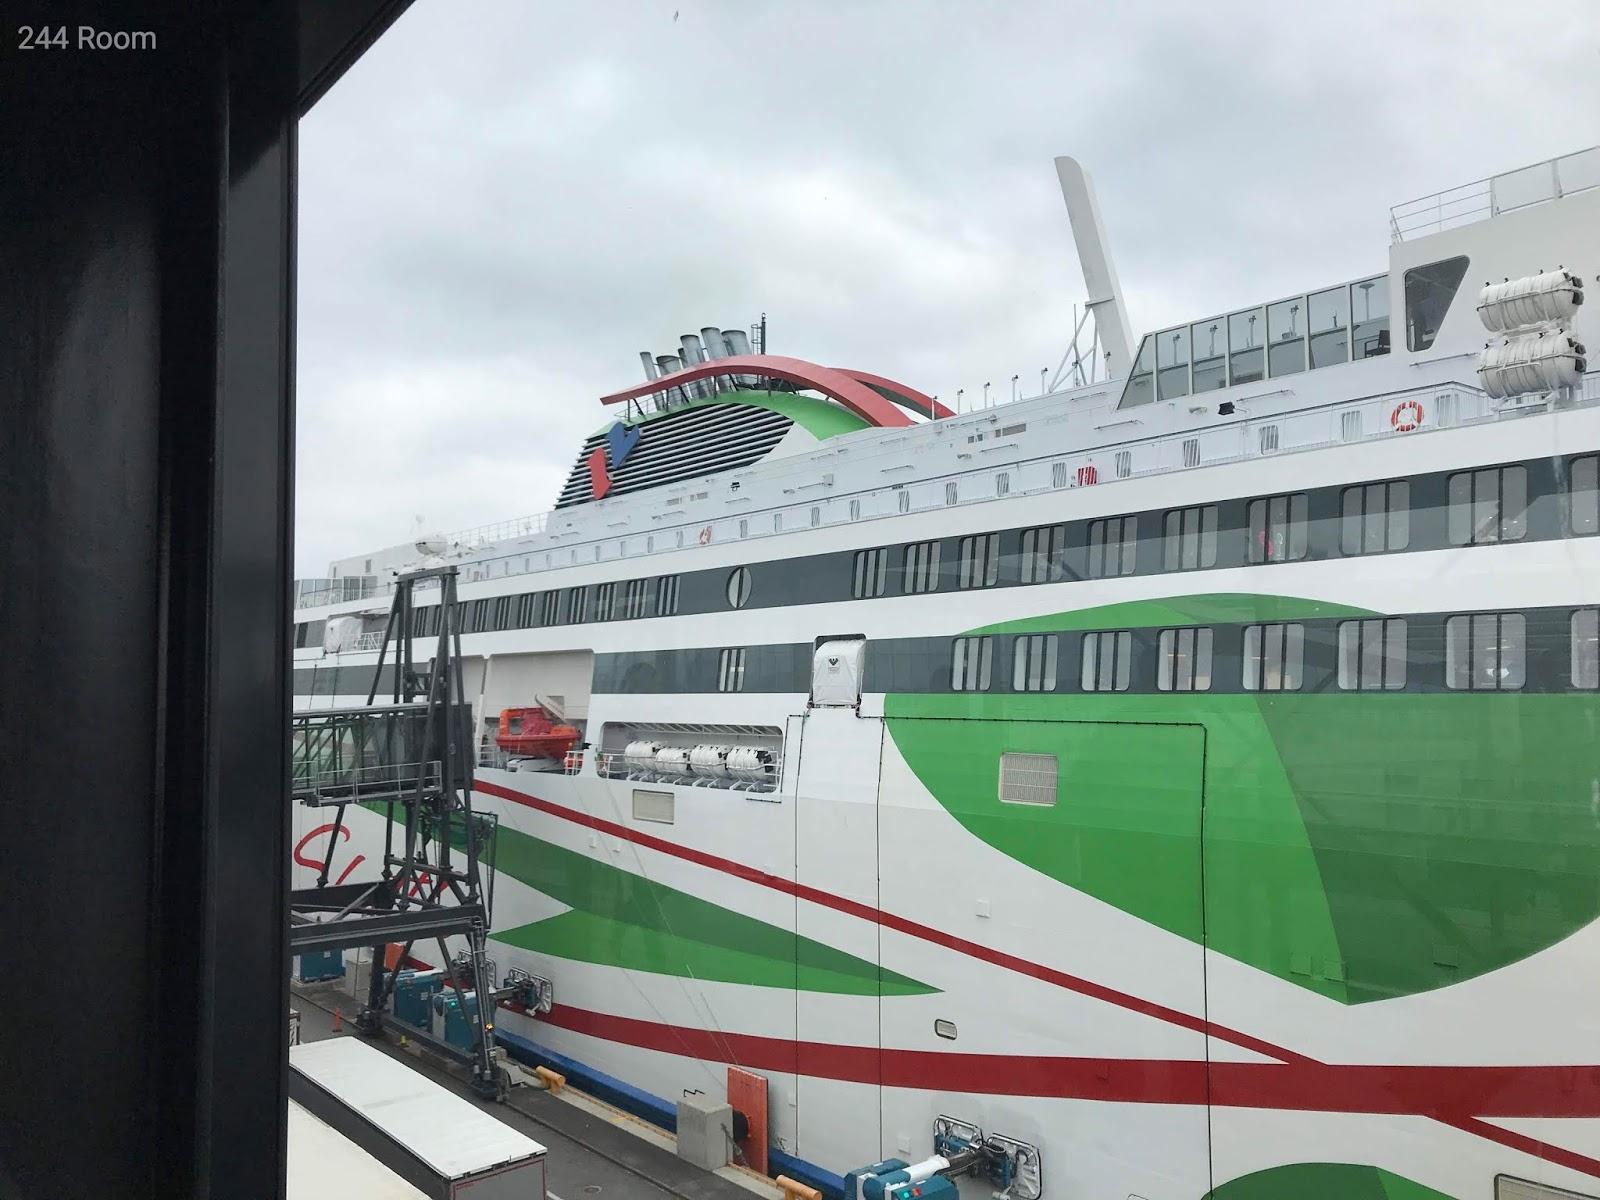 Tallinksilja line Megastar ferry2